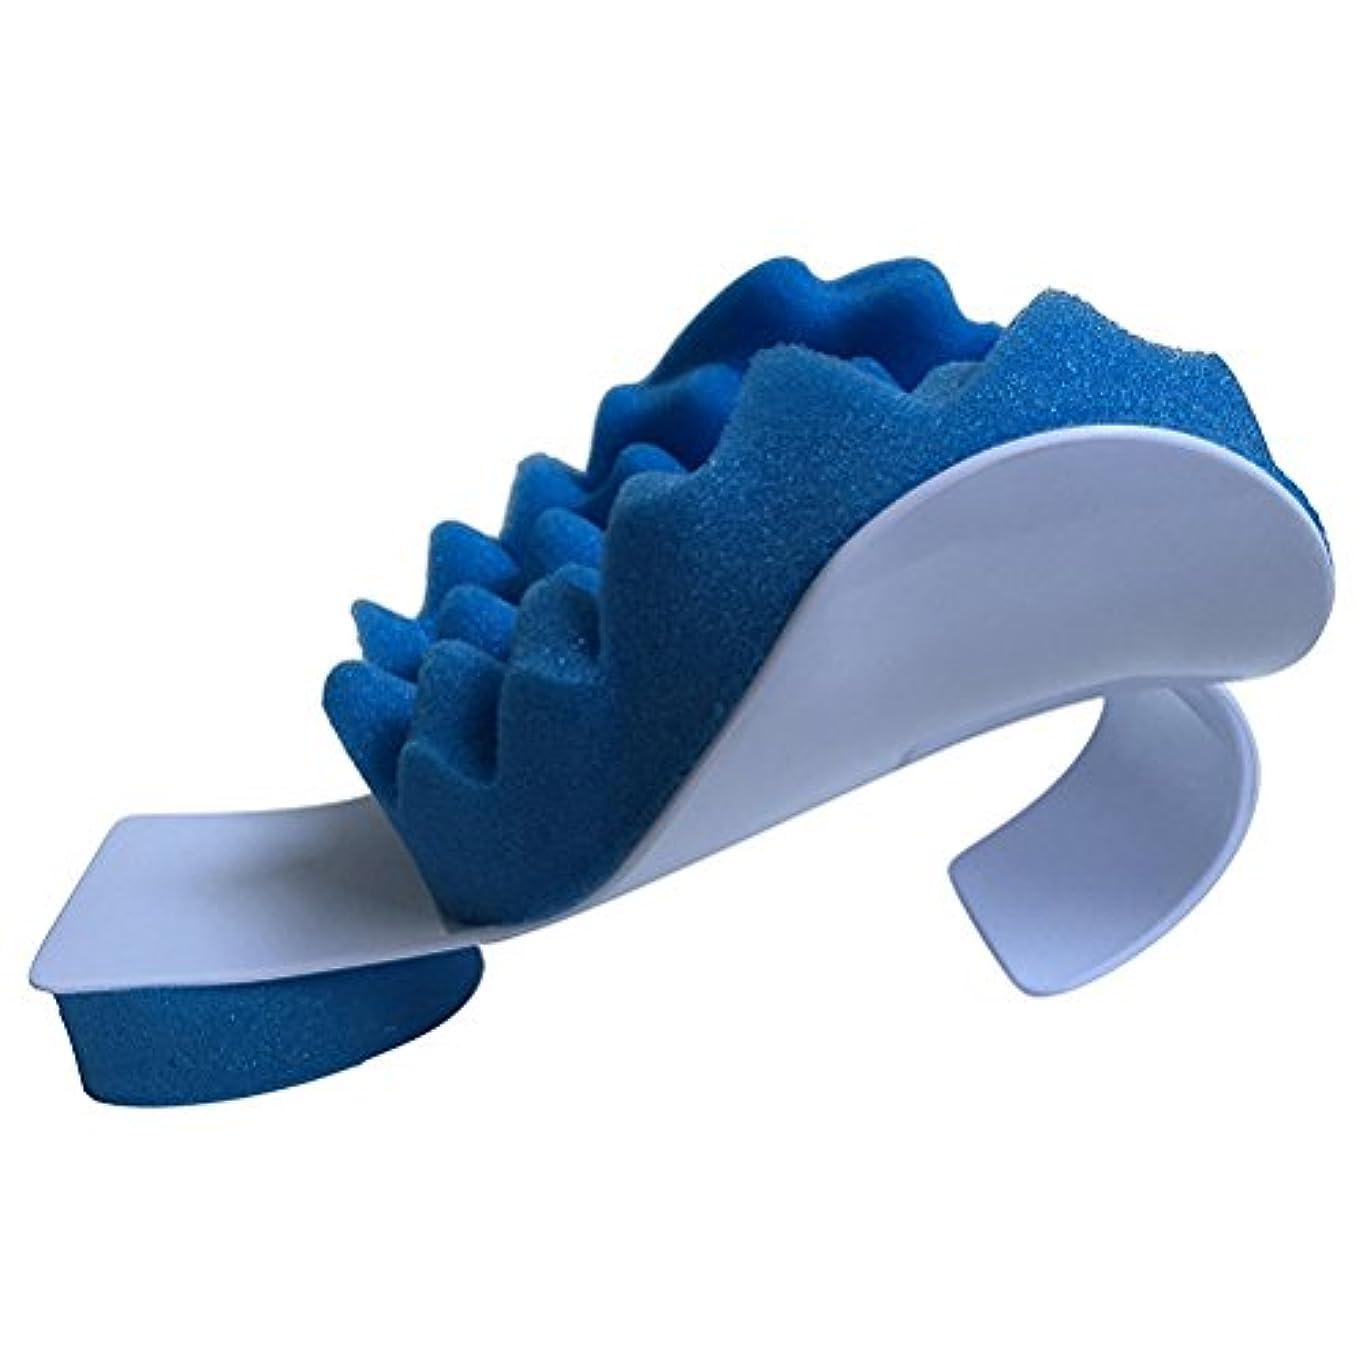 押し下げる自治上院ROSENICE 首と肩のリラクサーの首の痛みの緩和とサポートとショルダーリラクサーのマッサージのトラクションの枕